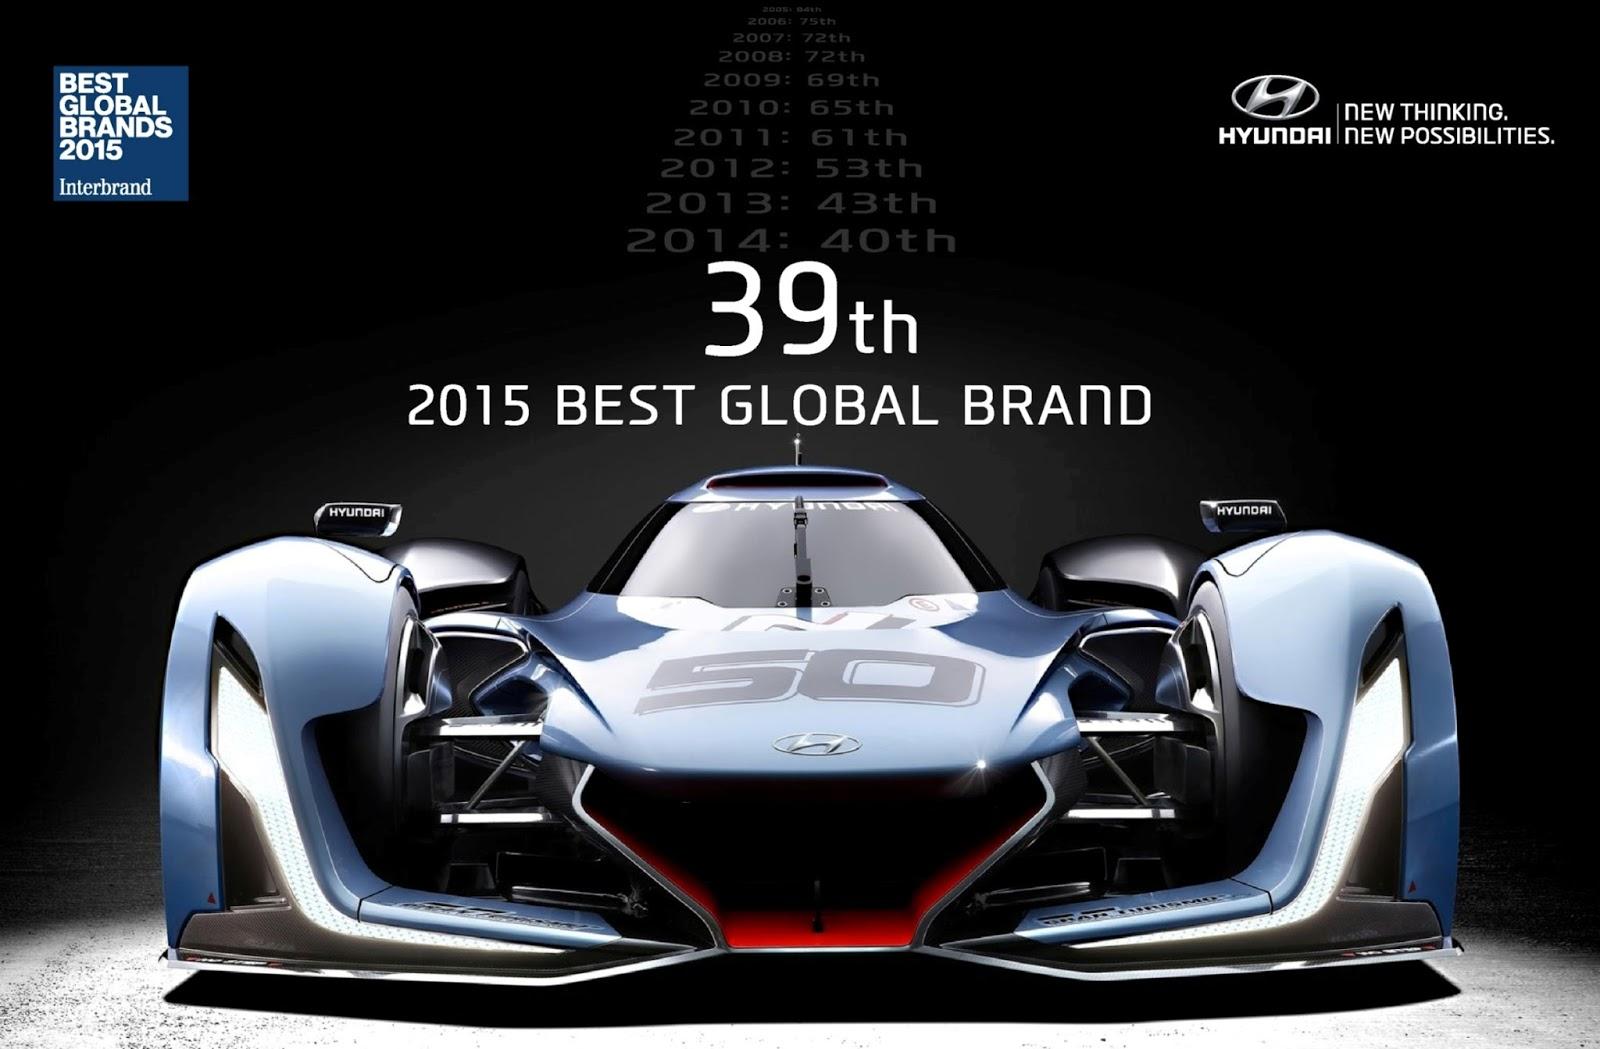 2015%2BInterbrand%2BResult%2BAnnouncement%2B%25281%2529 Η Hyundai αναρριχήθηκε στην 7η κορυφαία μάρκα αυτοκινήτου